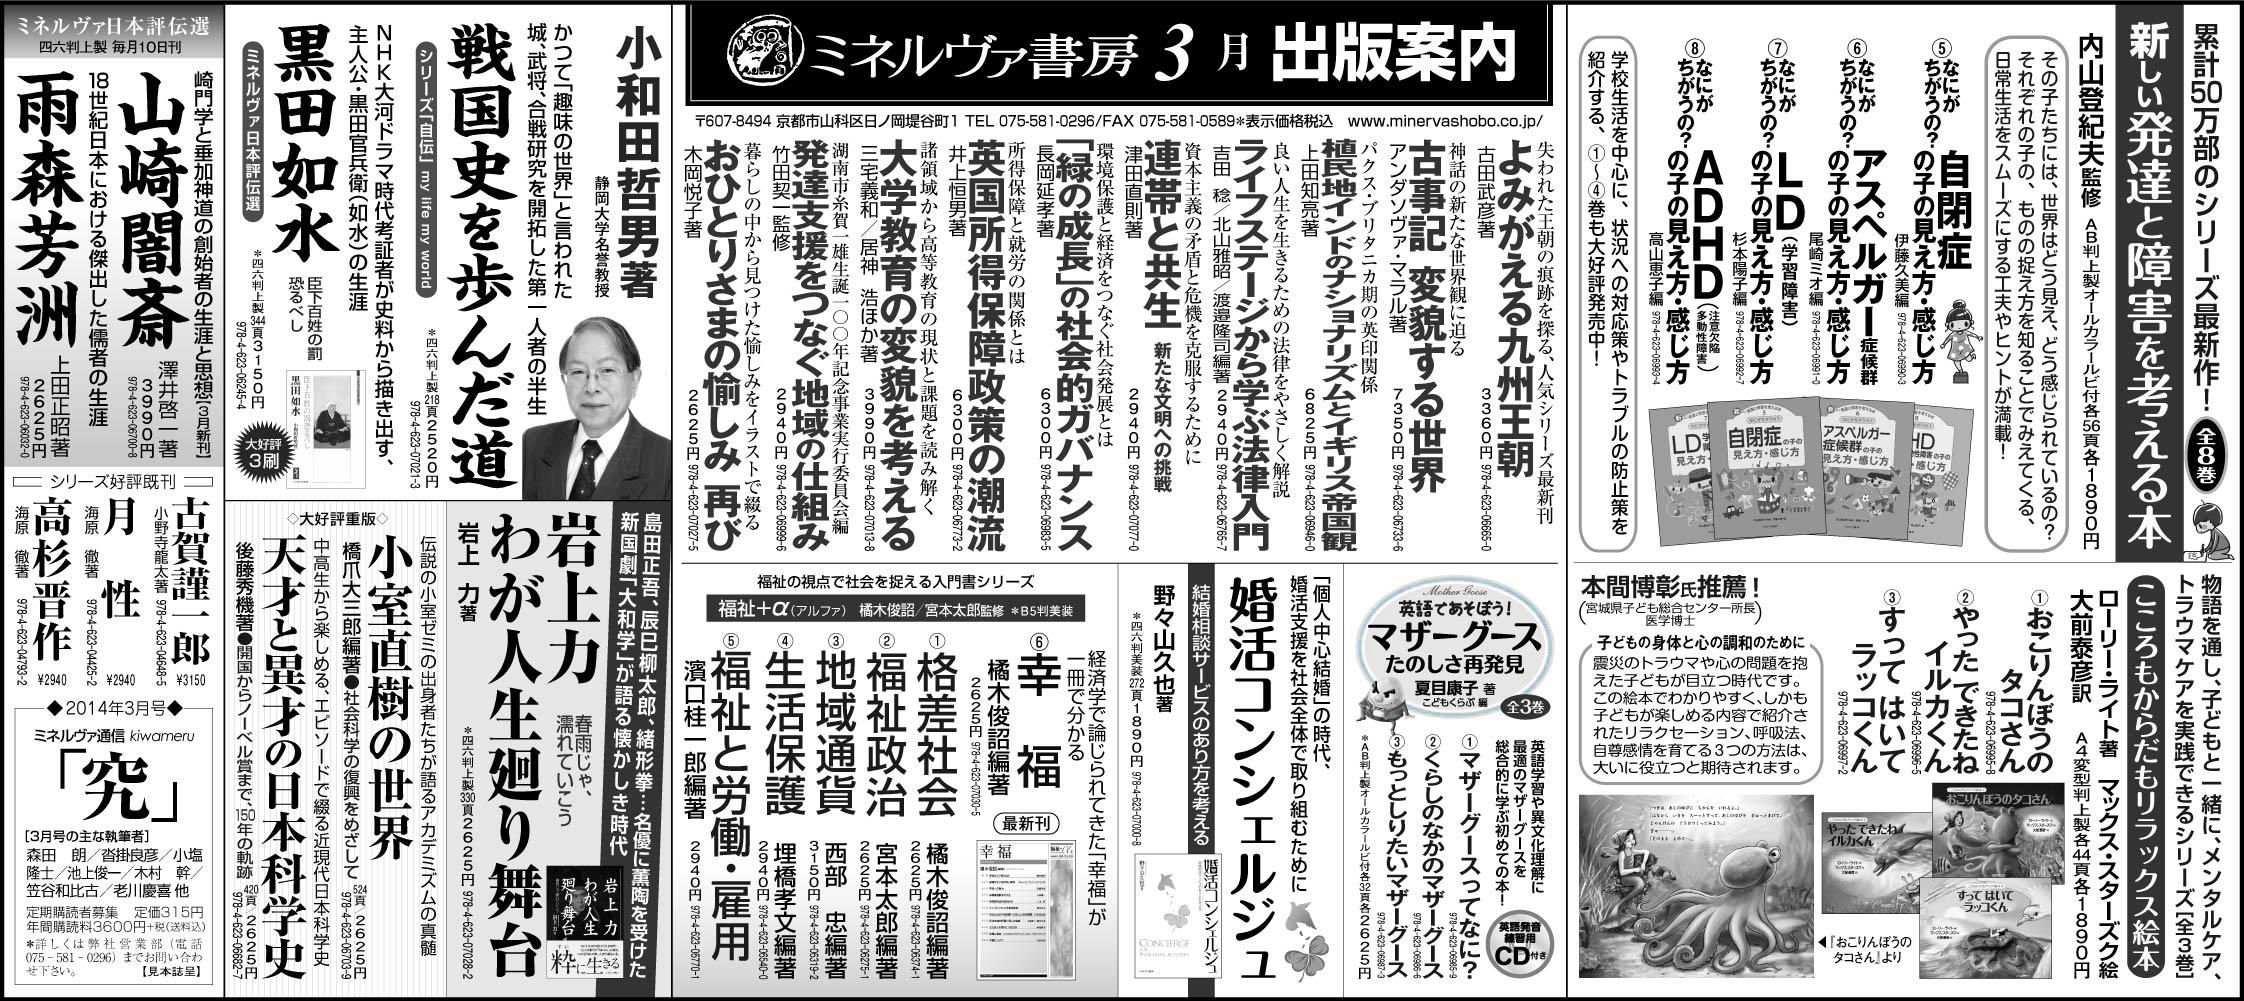 日本経済新聞全5段広告2014年3月23日掲載